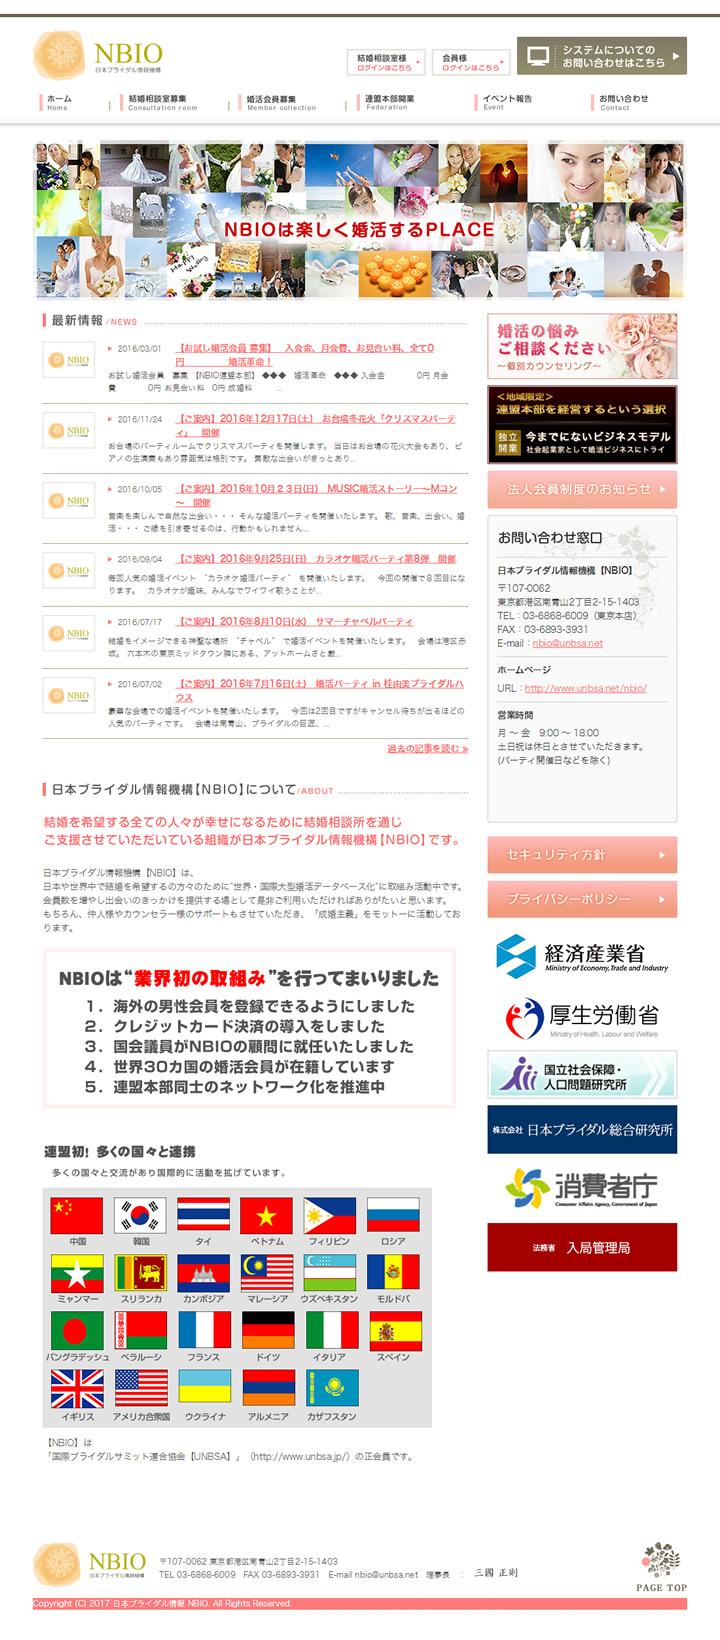 日本ブライダル情報機構 NBIOホームページ